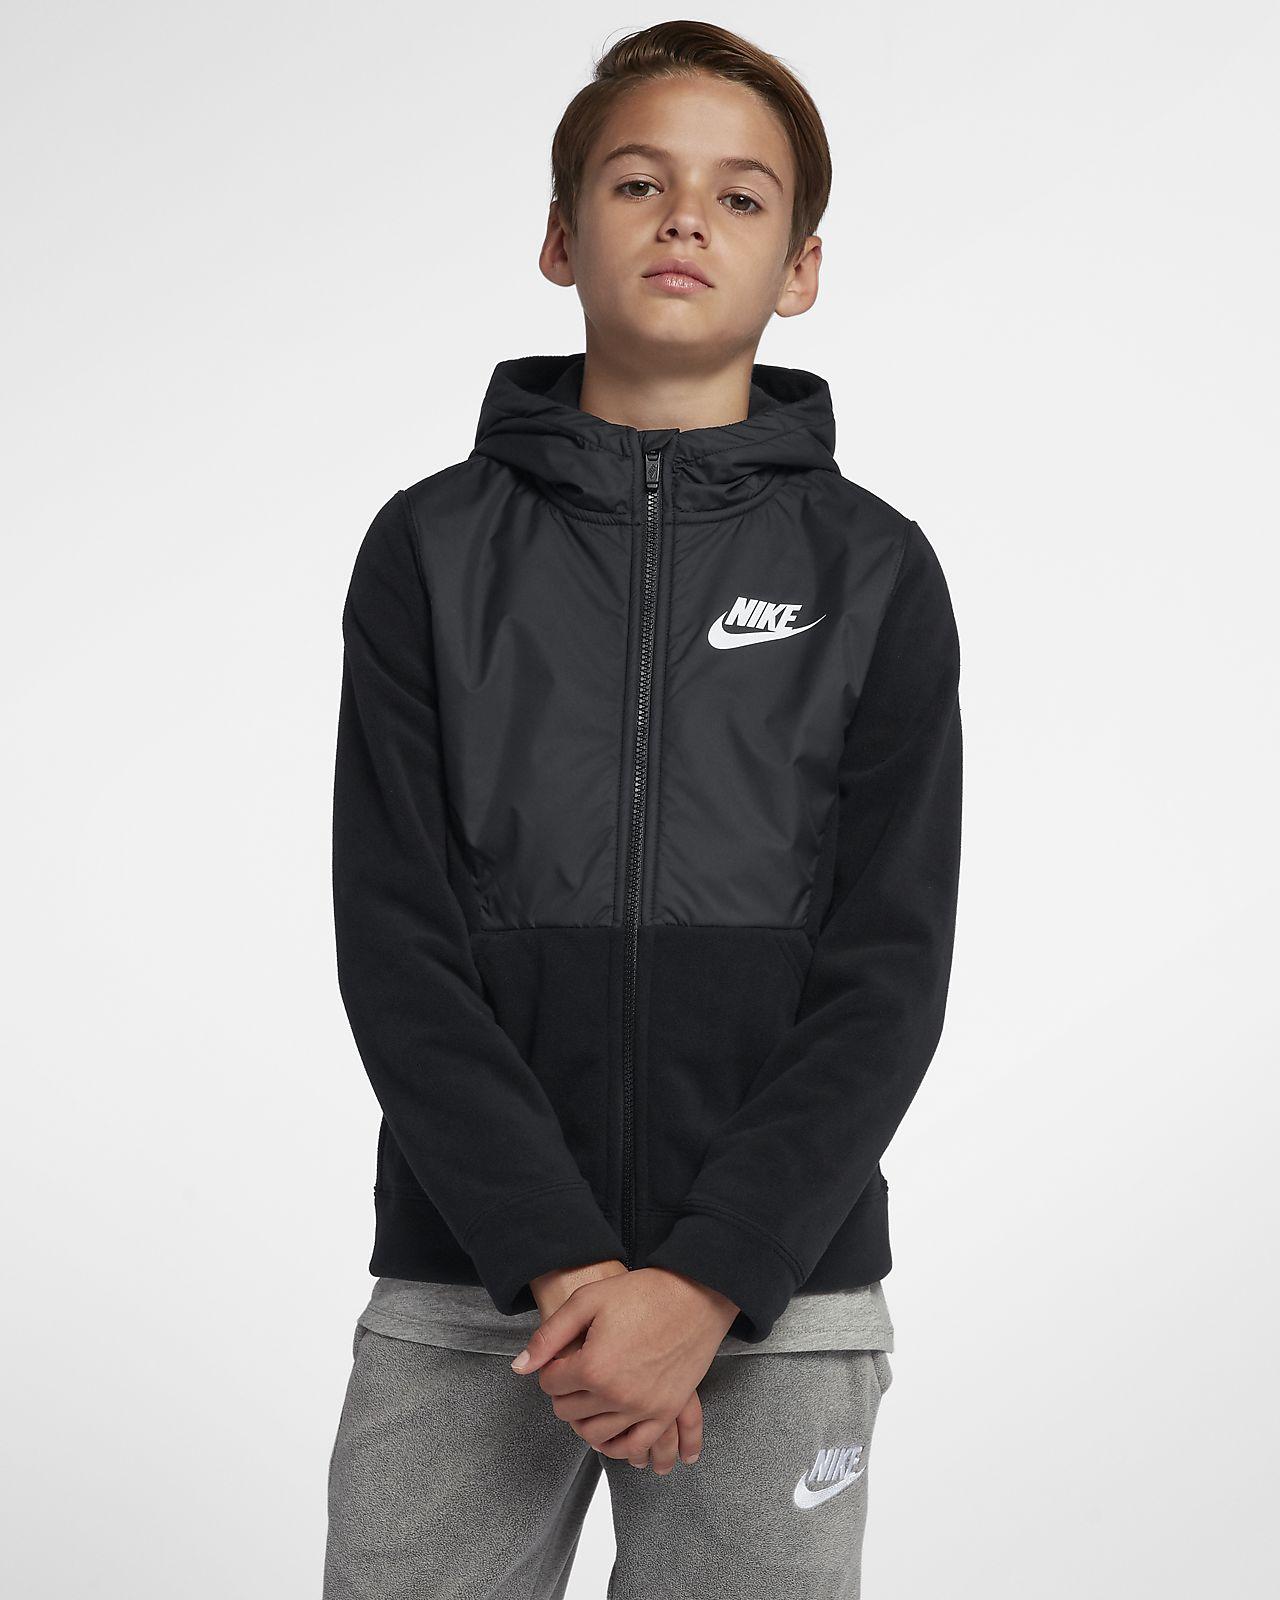 Felpa con cappuccio e zip a tutta lunghezza Nike Sportswear - Ragazzo